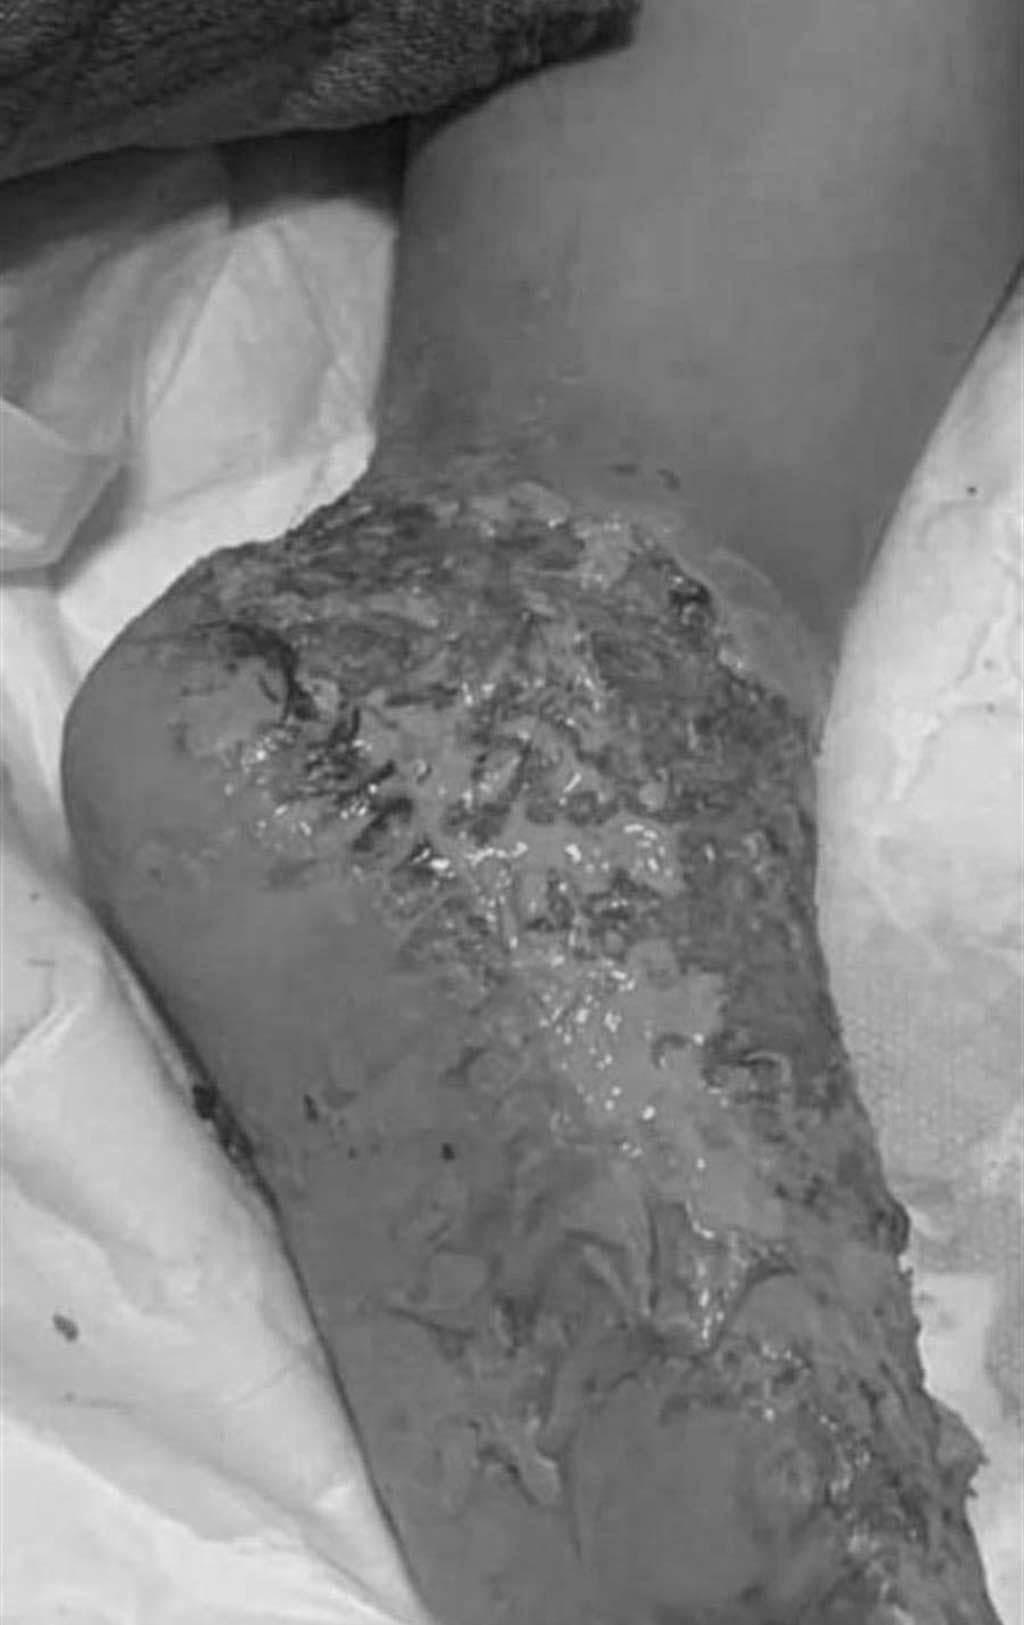 女童雙腳燙傷嚴重潰瀾,讓人不捨。(摘自台南爆料公社)